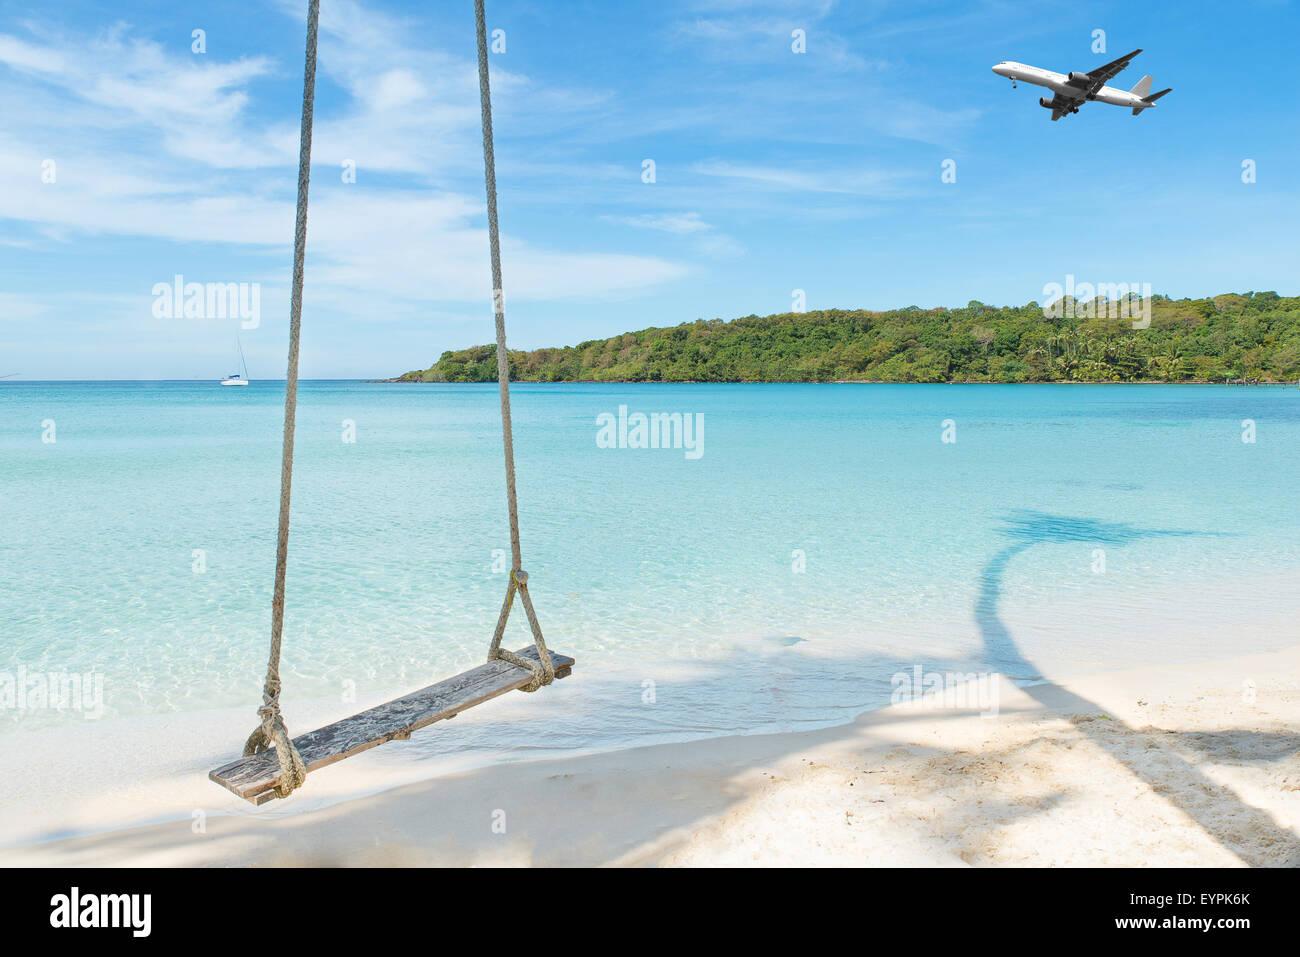 L'été, les voyages, vacances et Maison de Vacances - Avion concept plage mer tropicaux arrivant à Photo Stock